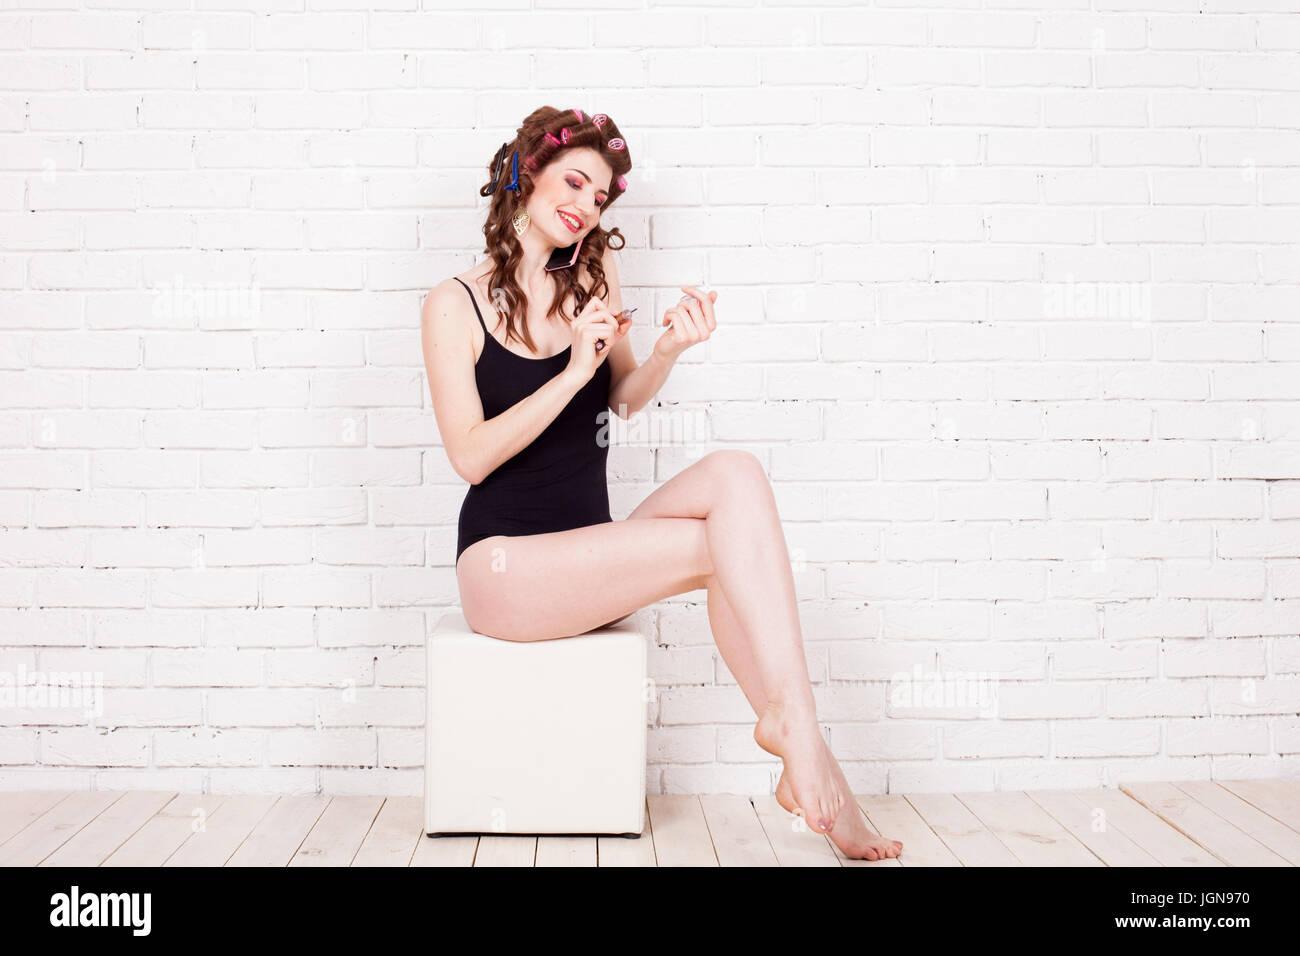 Chica con rizadores de pelo hablar por teléfono y pintar uñas Imagen De Stock